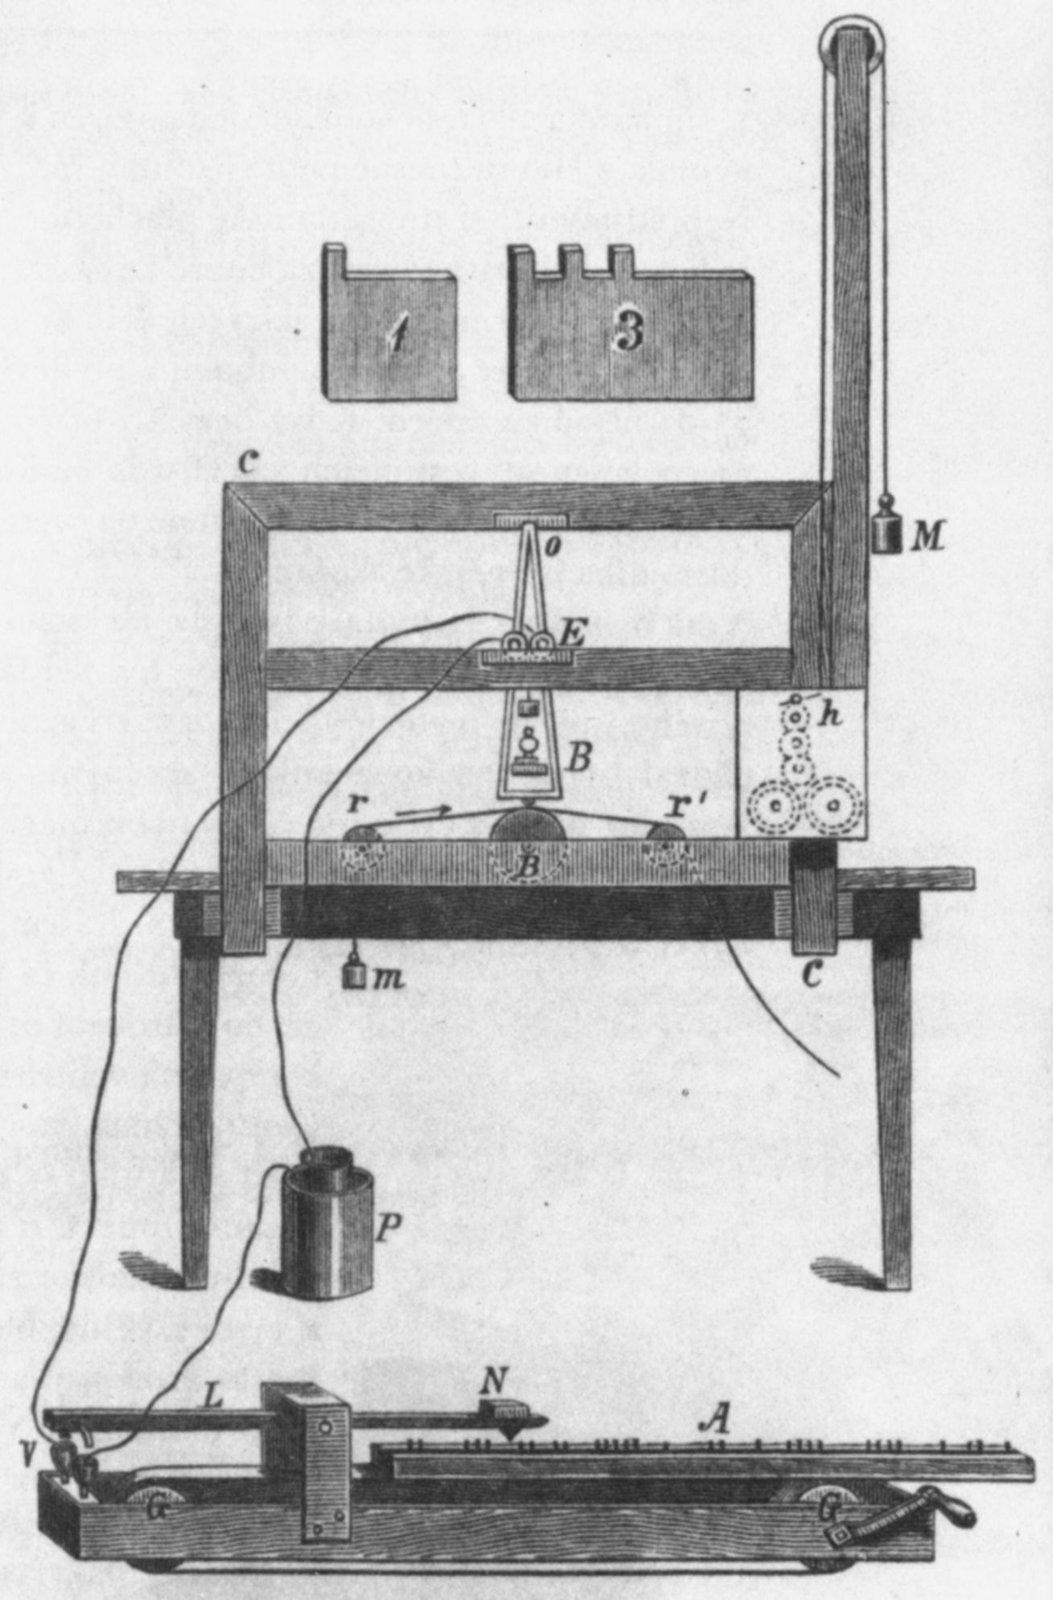 Telegraf skonstruowany przez Samuela Morse'a Źródło: Telegraf skonstruowany przez Samuela Morse'a, domena publiczna.